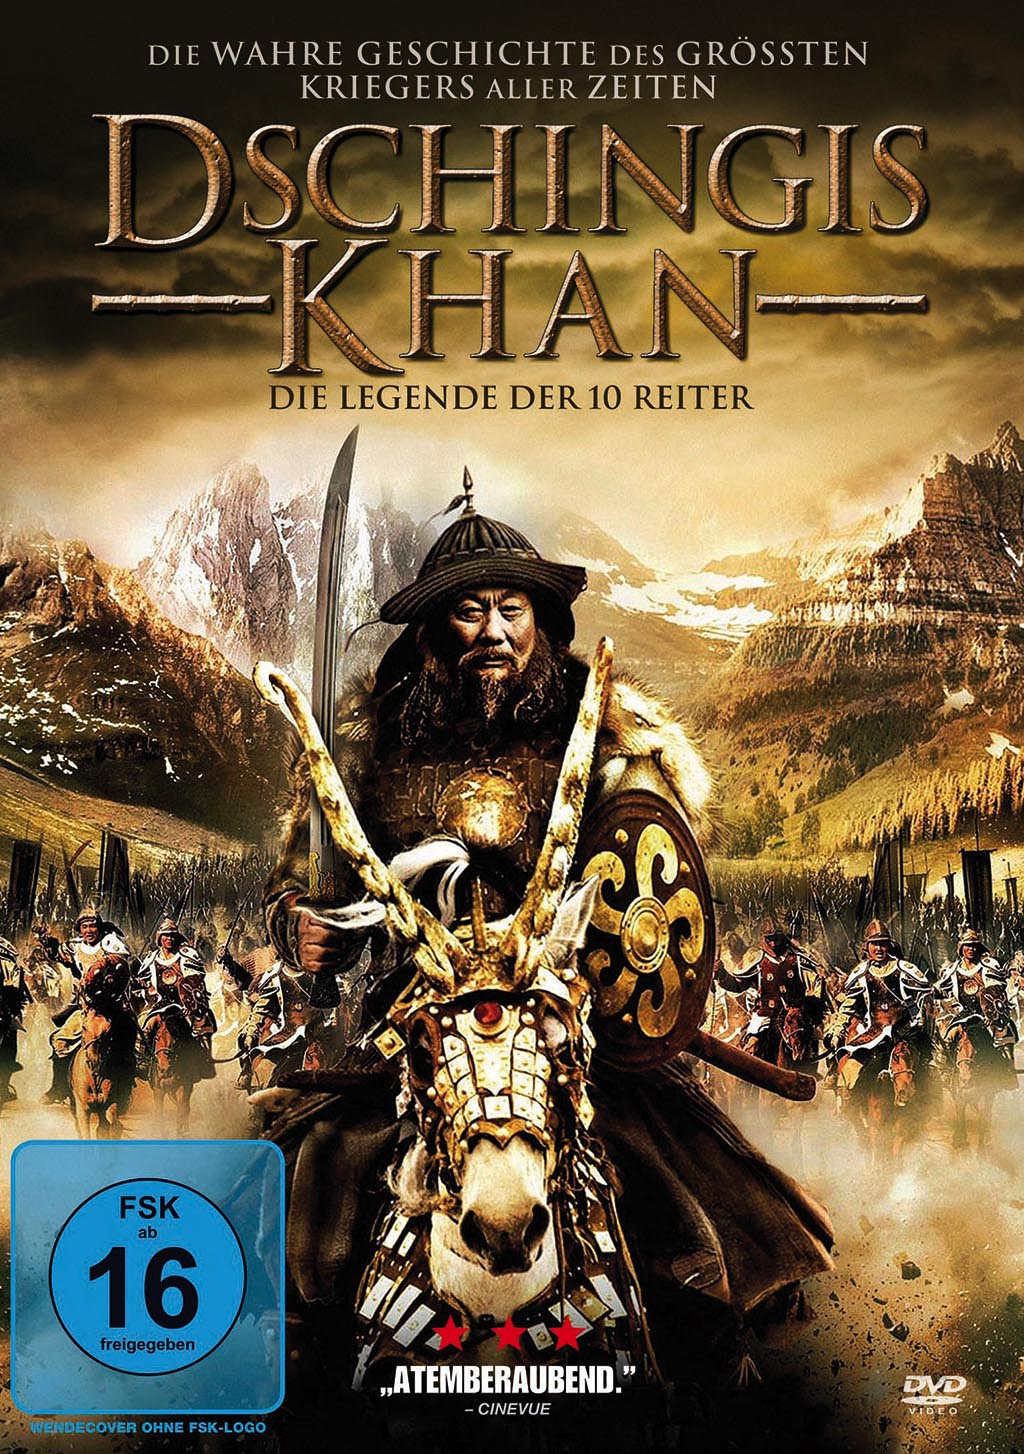 Dschingis Khan Die Legende Der 10 Reiter Film